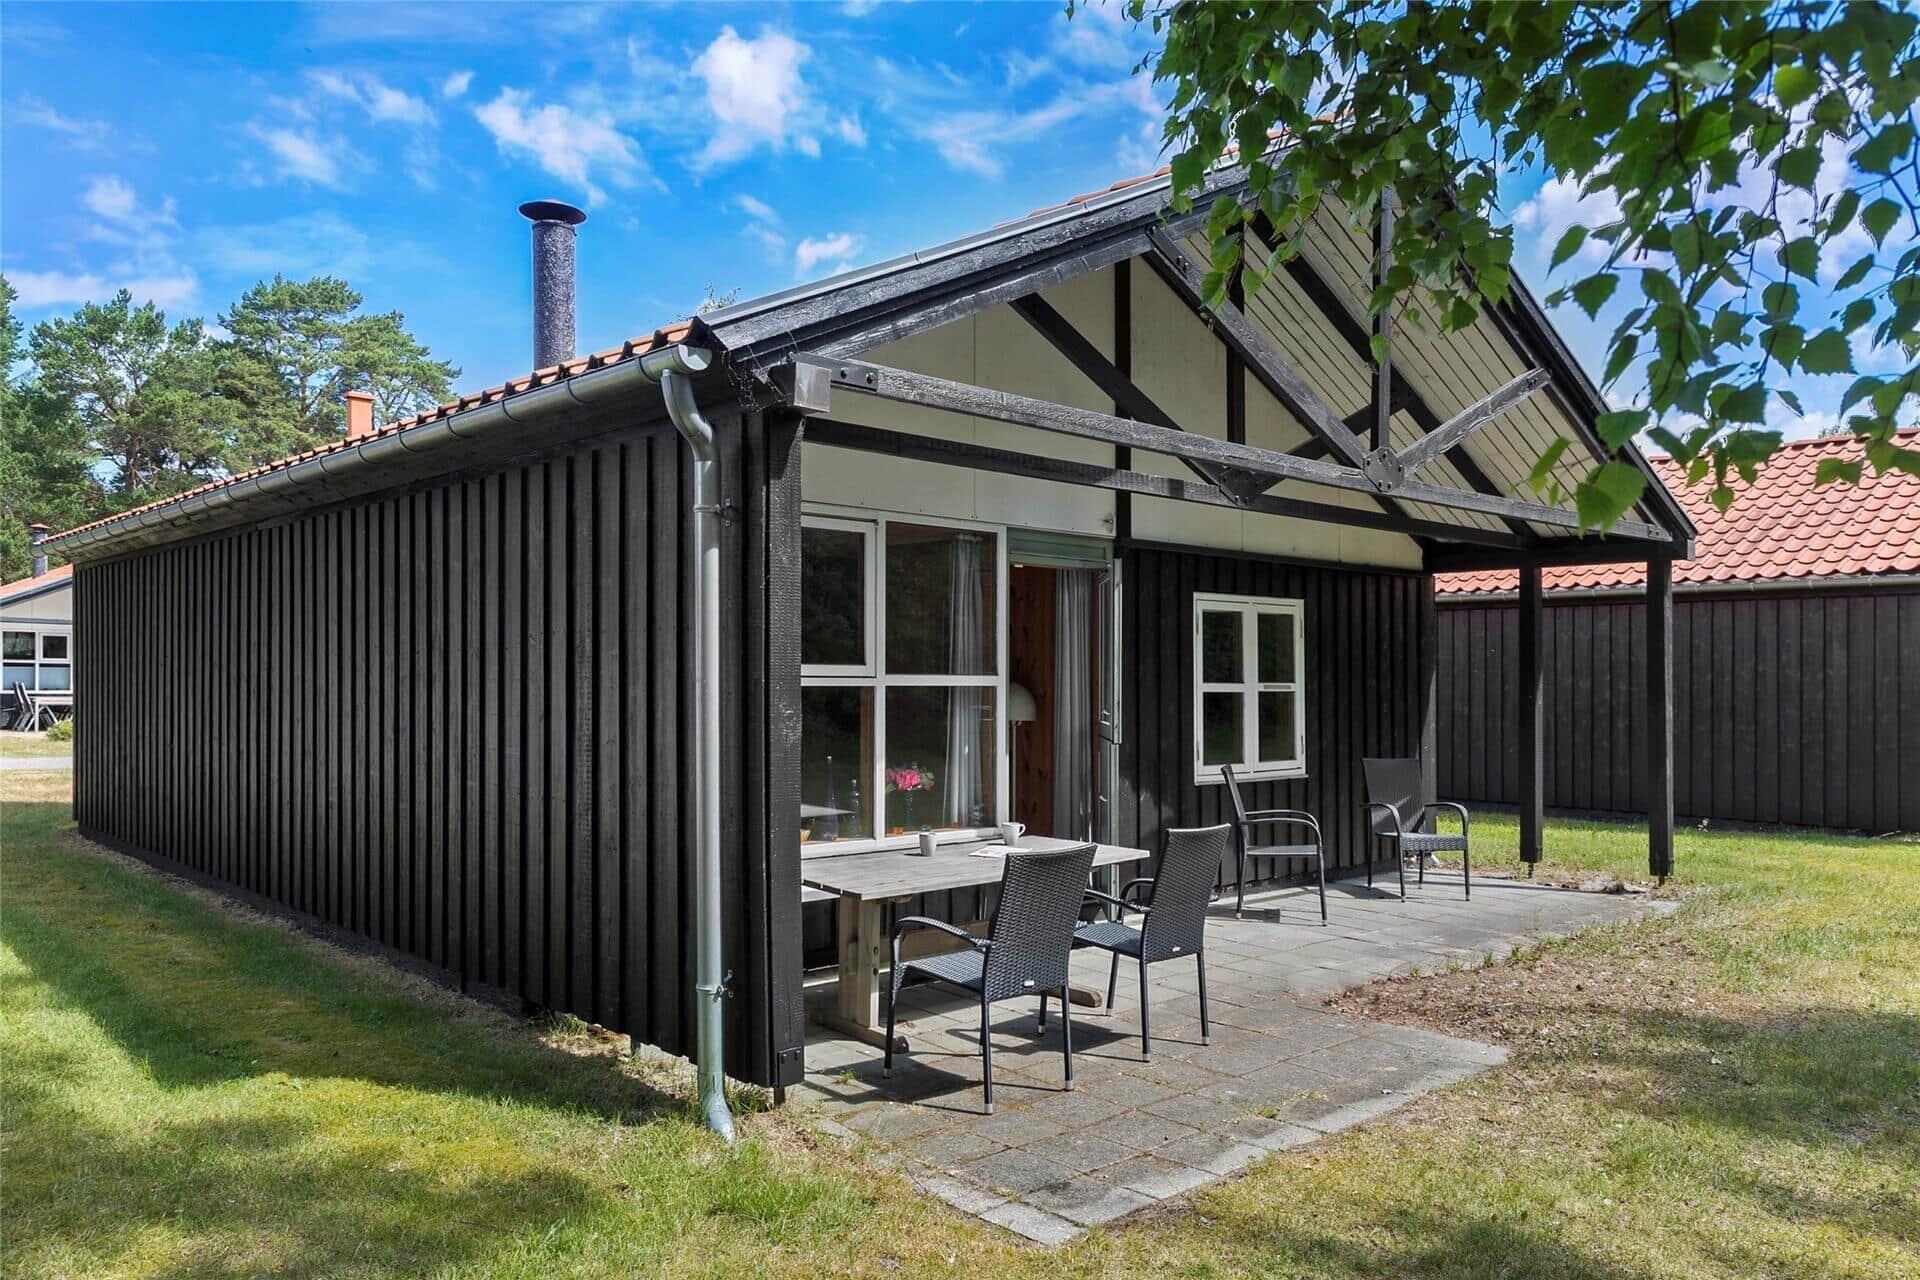 Afbeelding 1-174 Vakantiehuis M15022, Bøtølundvej 187, DK - 4873 Væggerløse